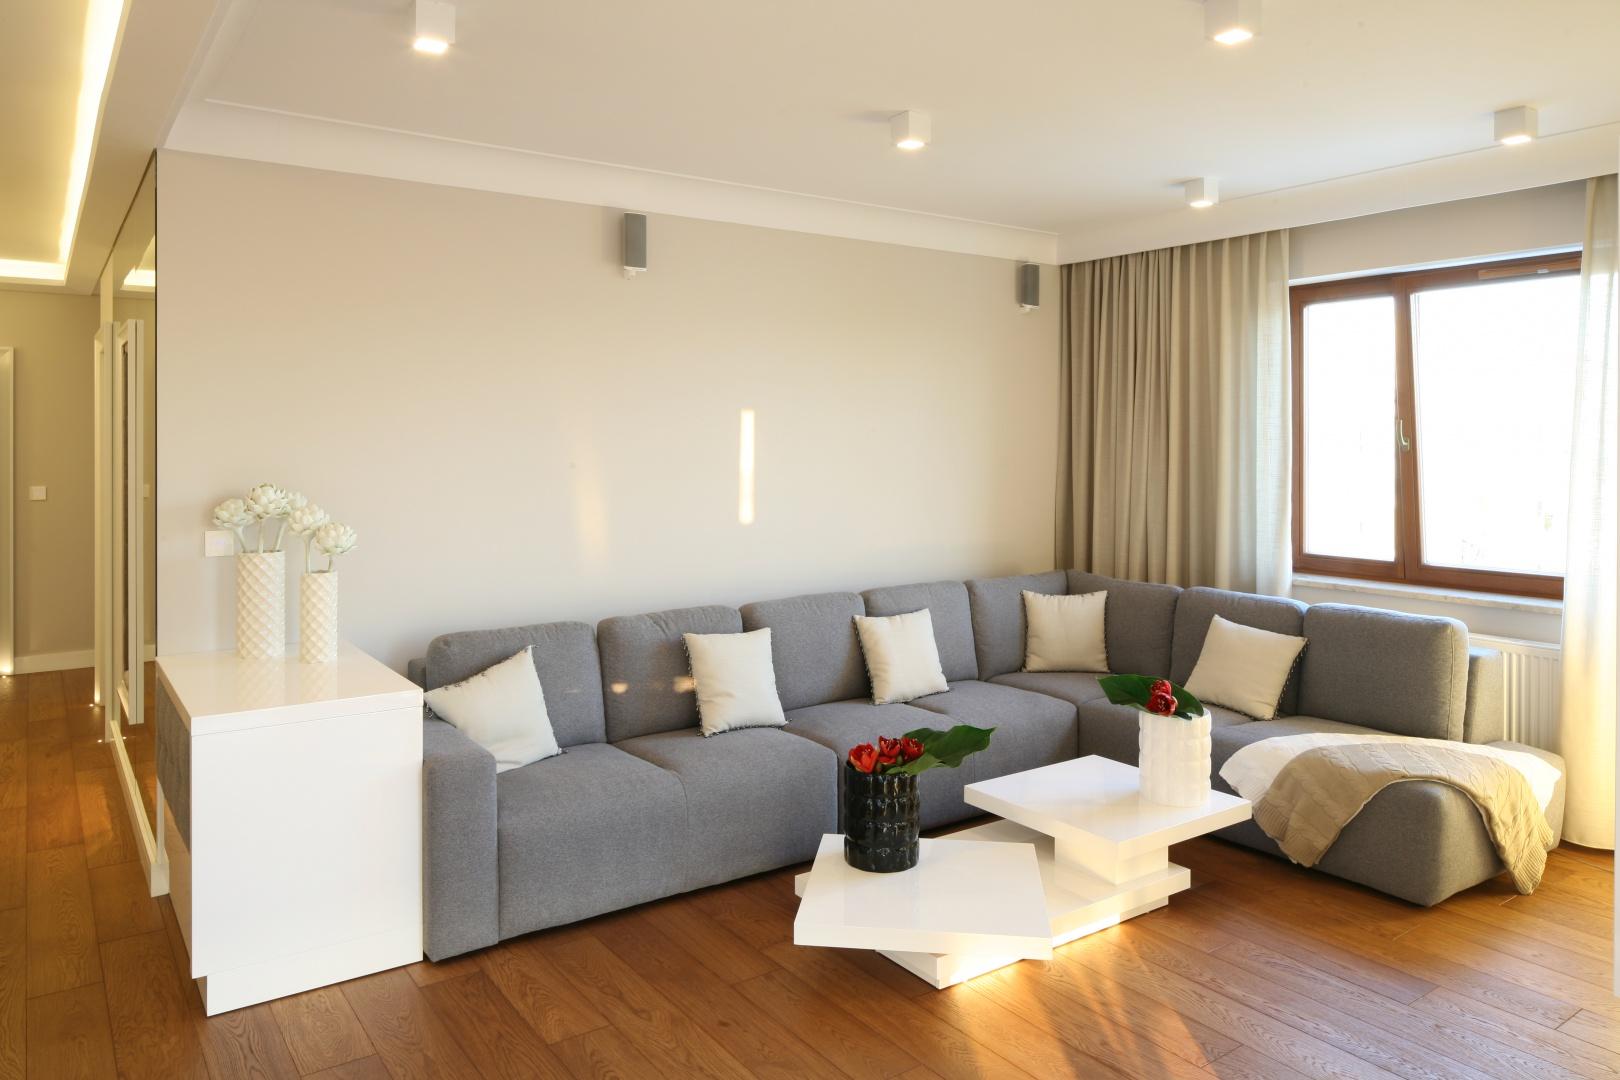 Biel połączona z ciepłą barwą drewna oraz delikatnym odcieniem ścian tworzy przytulne wnętrze. Fot. Bartosz Jarosz.